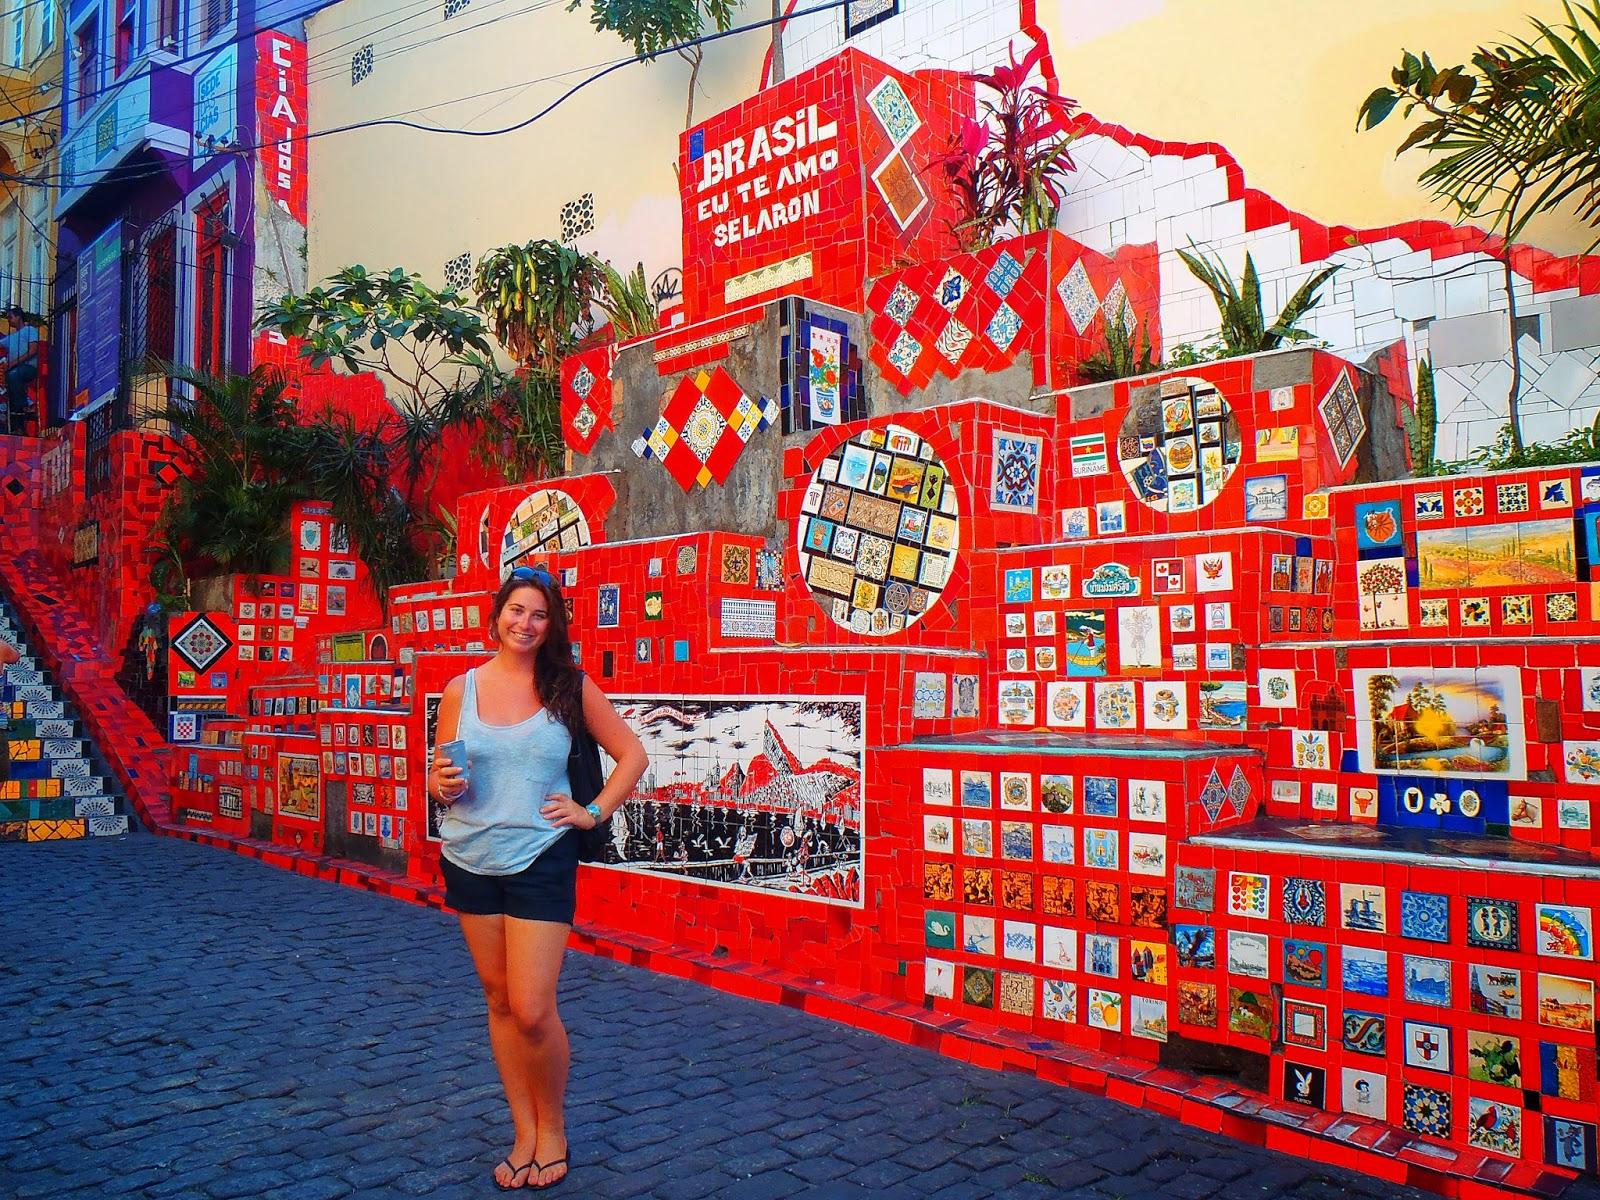 Girl at Escadaria Selaron in Rio de Janeiro